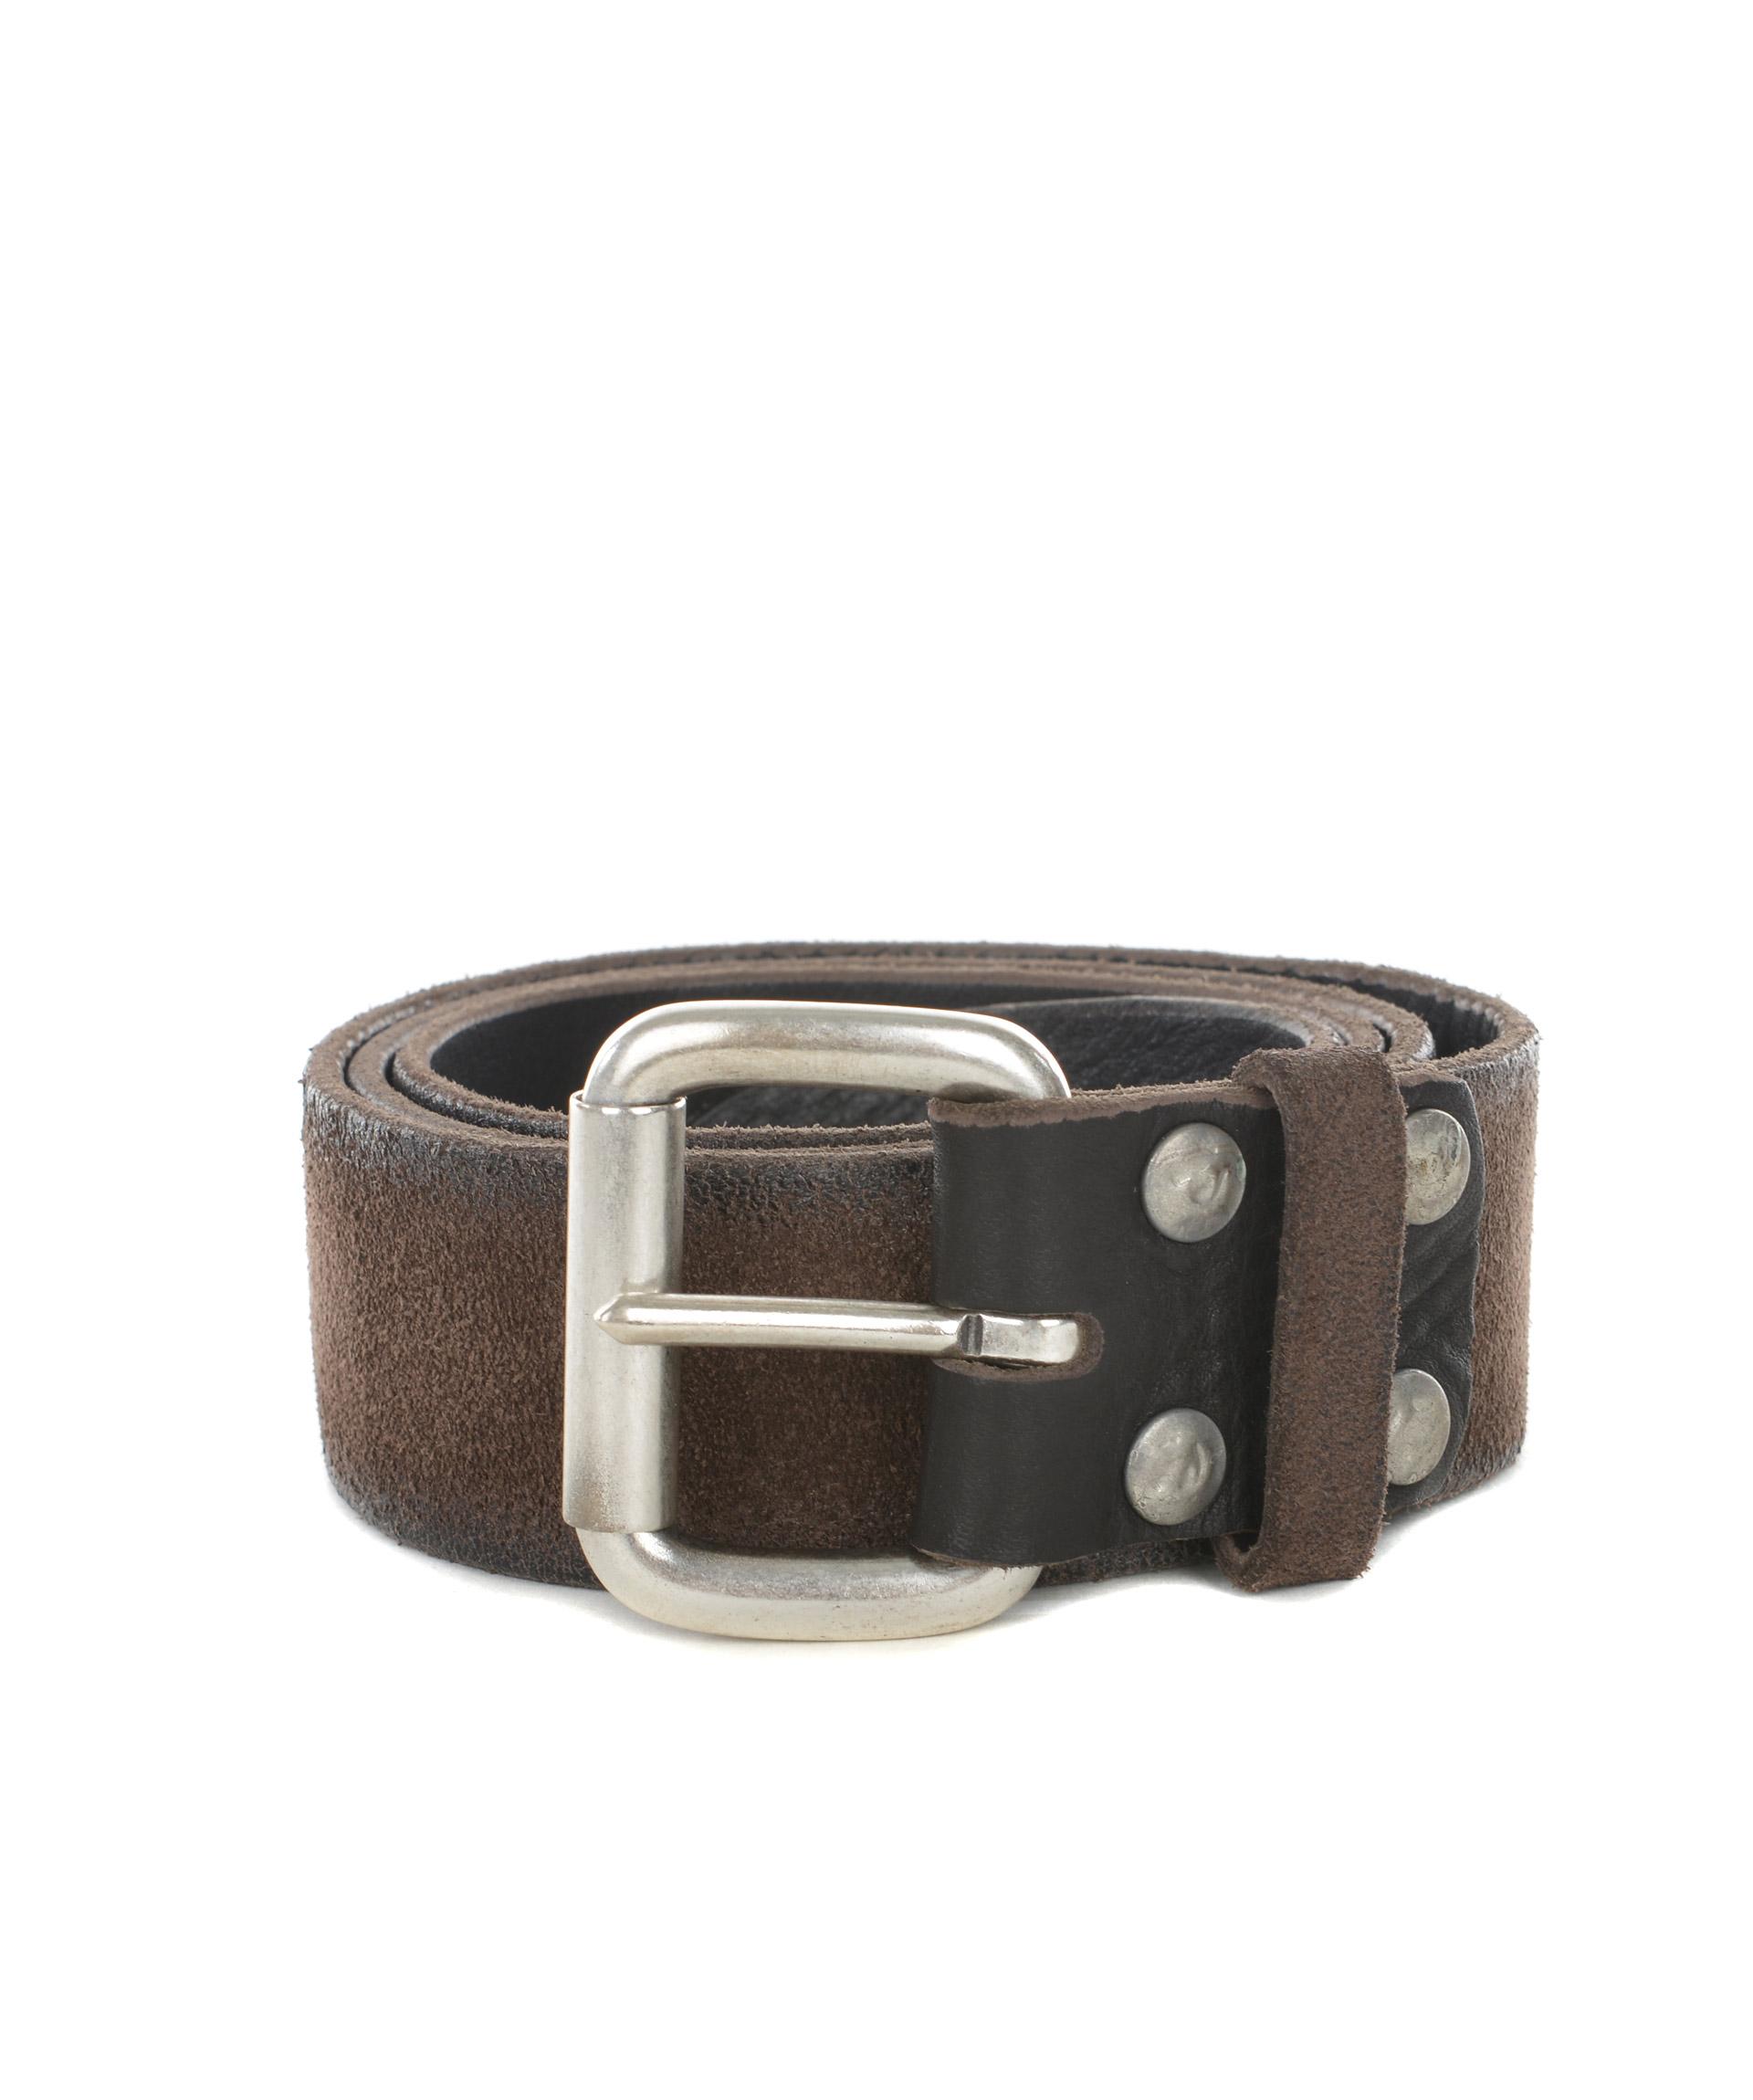 prezzo più basso 2f6c6 1308f Cintura Orciani